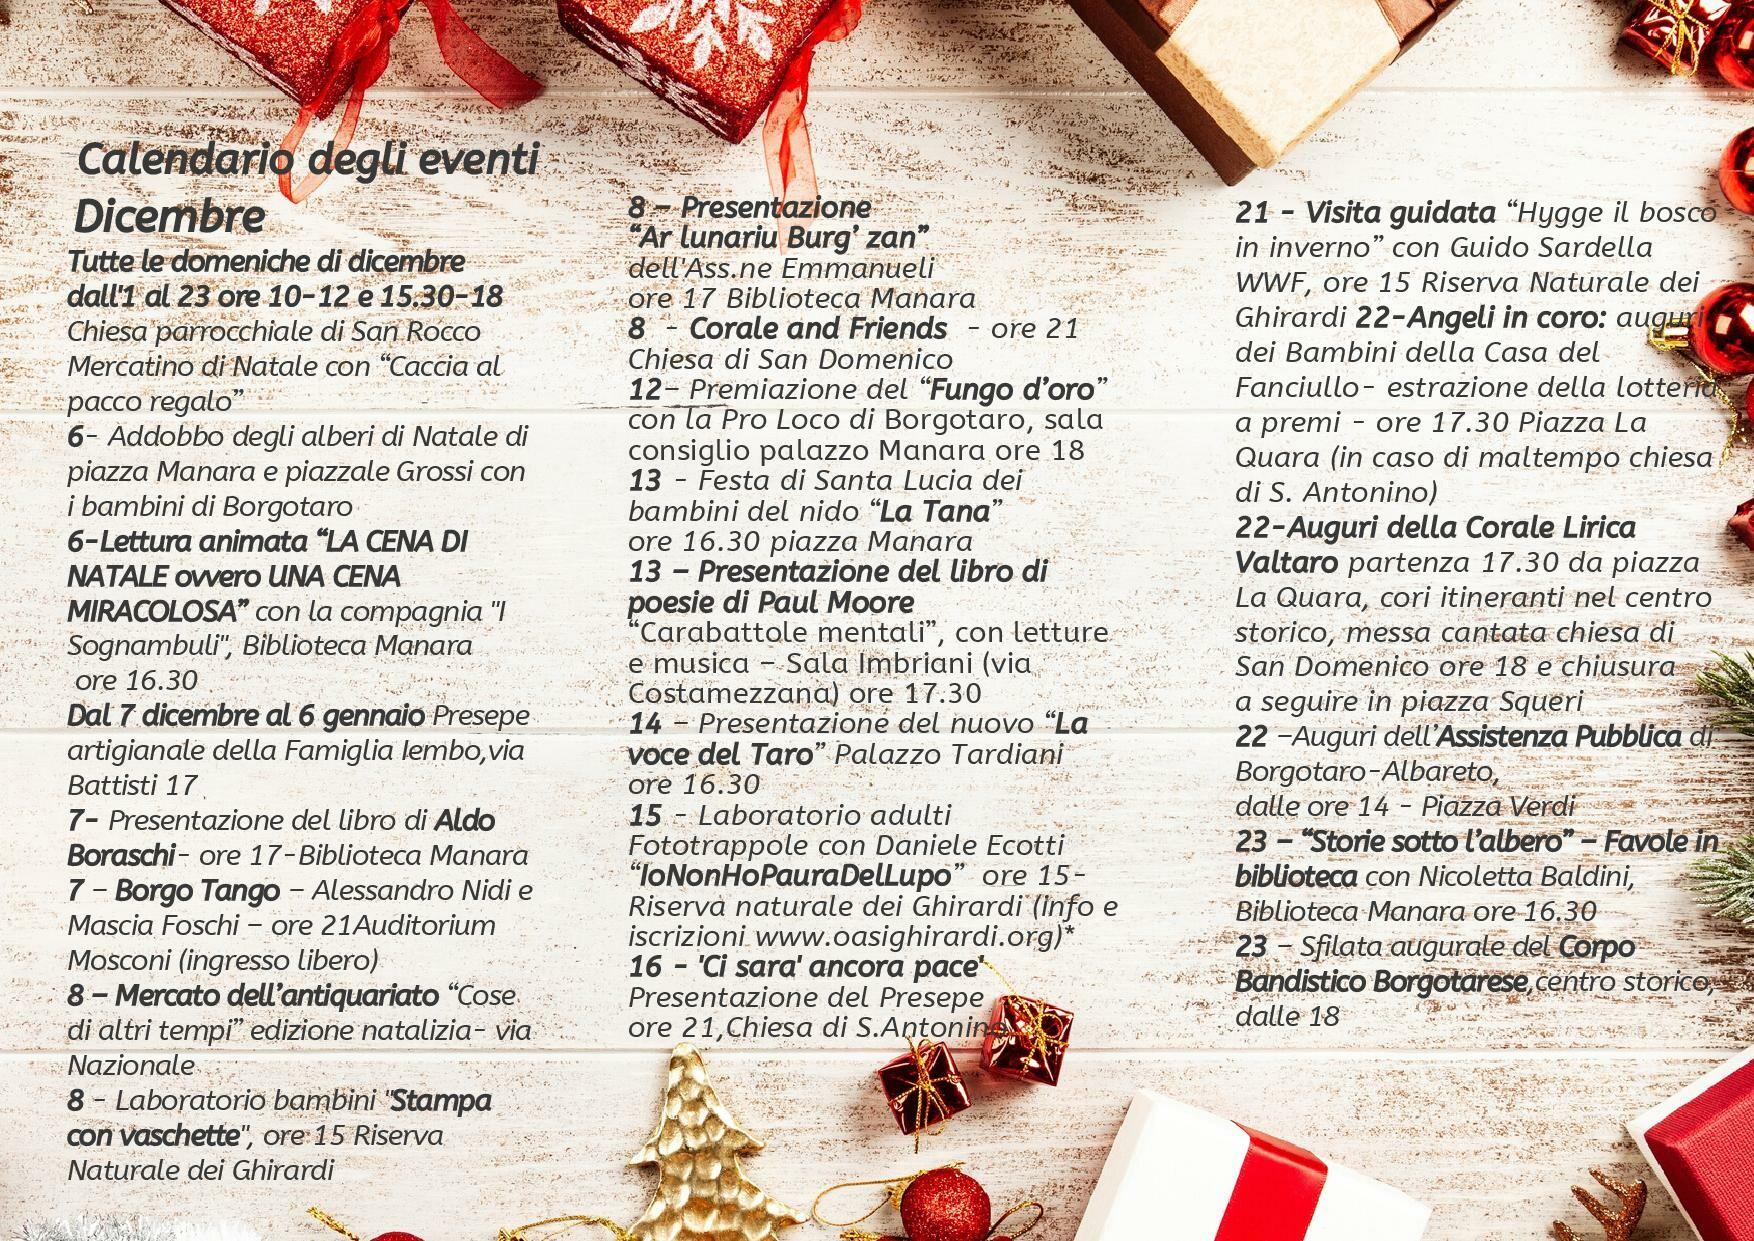 Natale al borgo: programma dal 6 al 23 dicembre